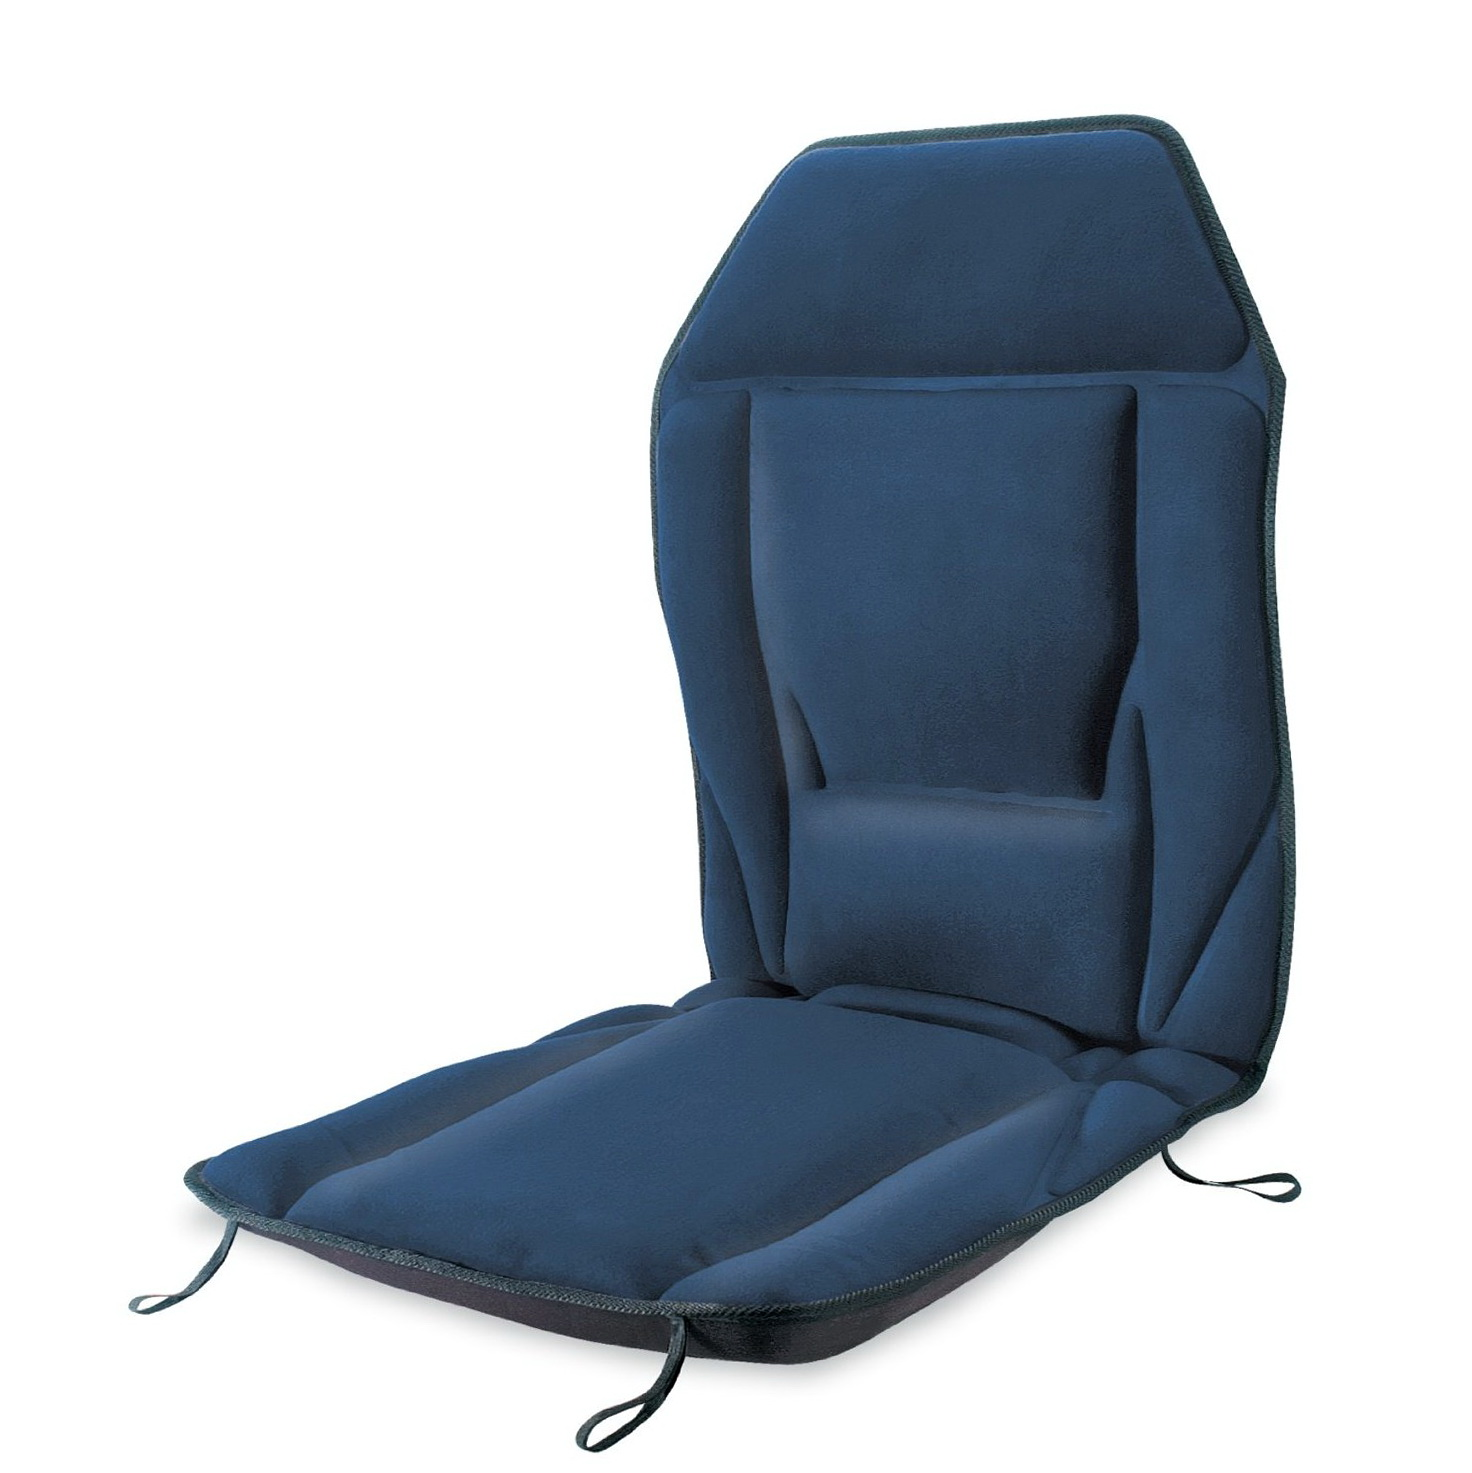 Car Driver Seat Height Cushion